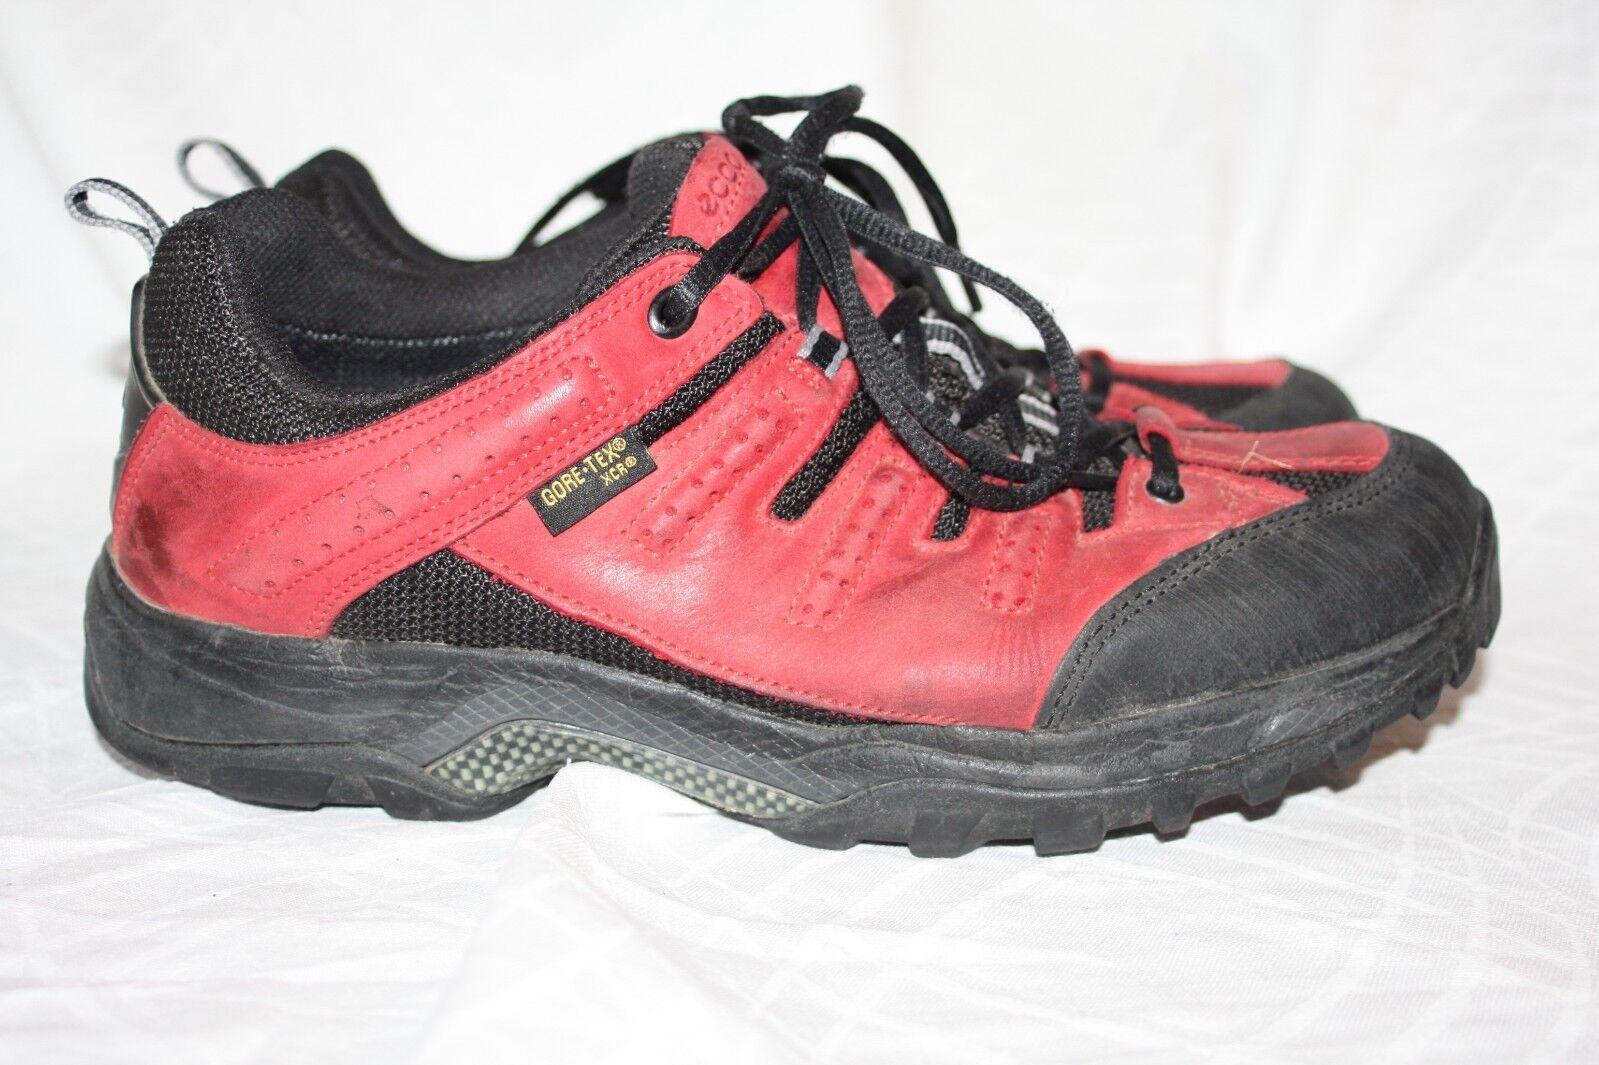 Ecco gore tex Trekking outdoor Schuhe 41 XCR Receptor  ROT Wanderstiefel Stiefel